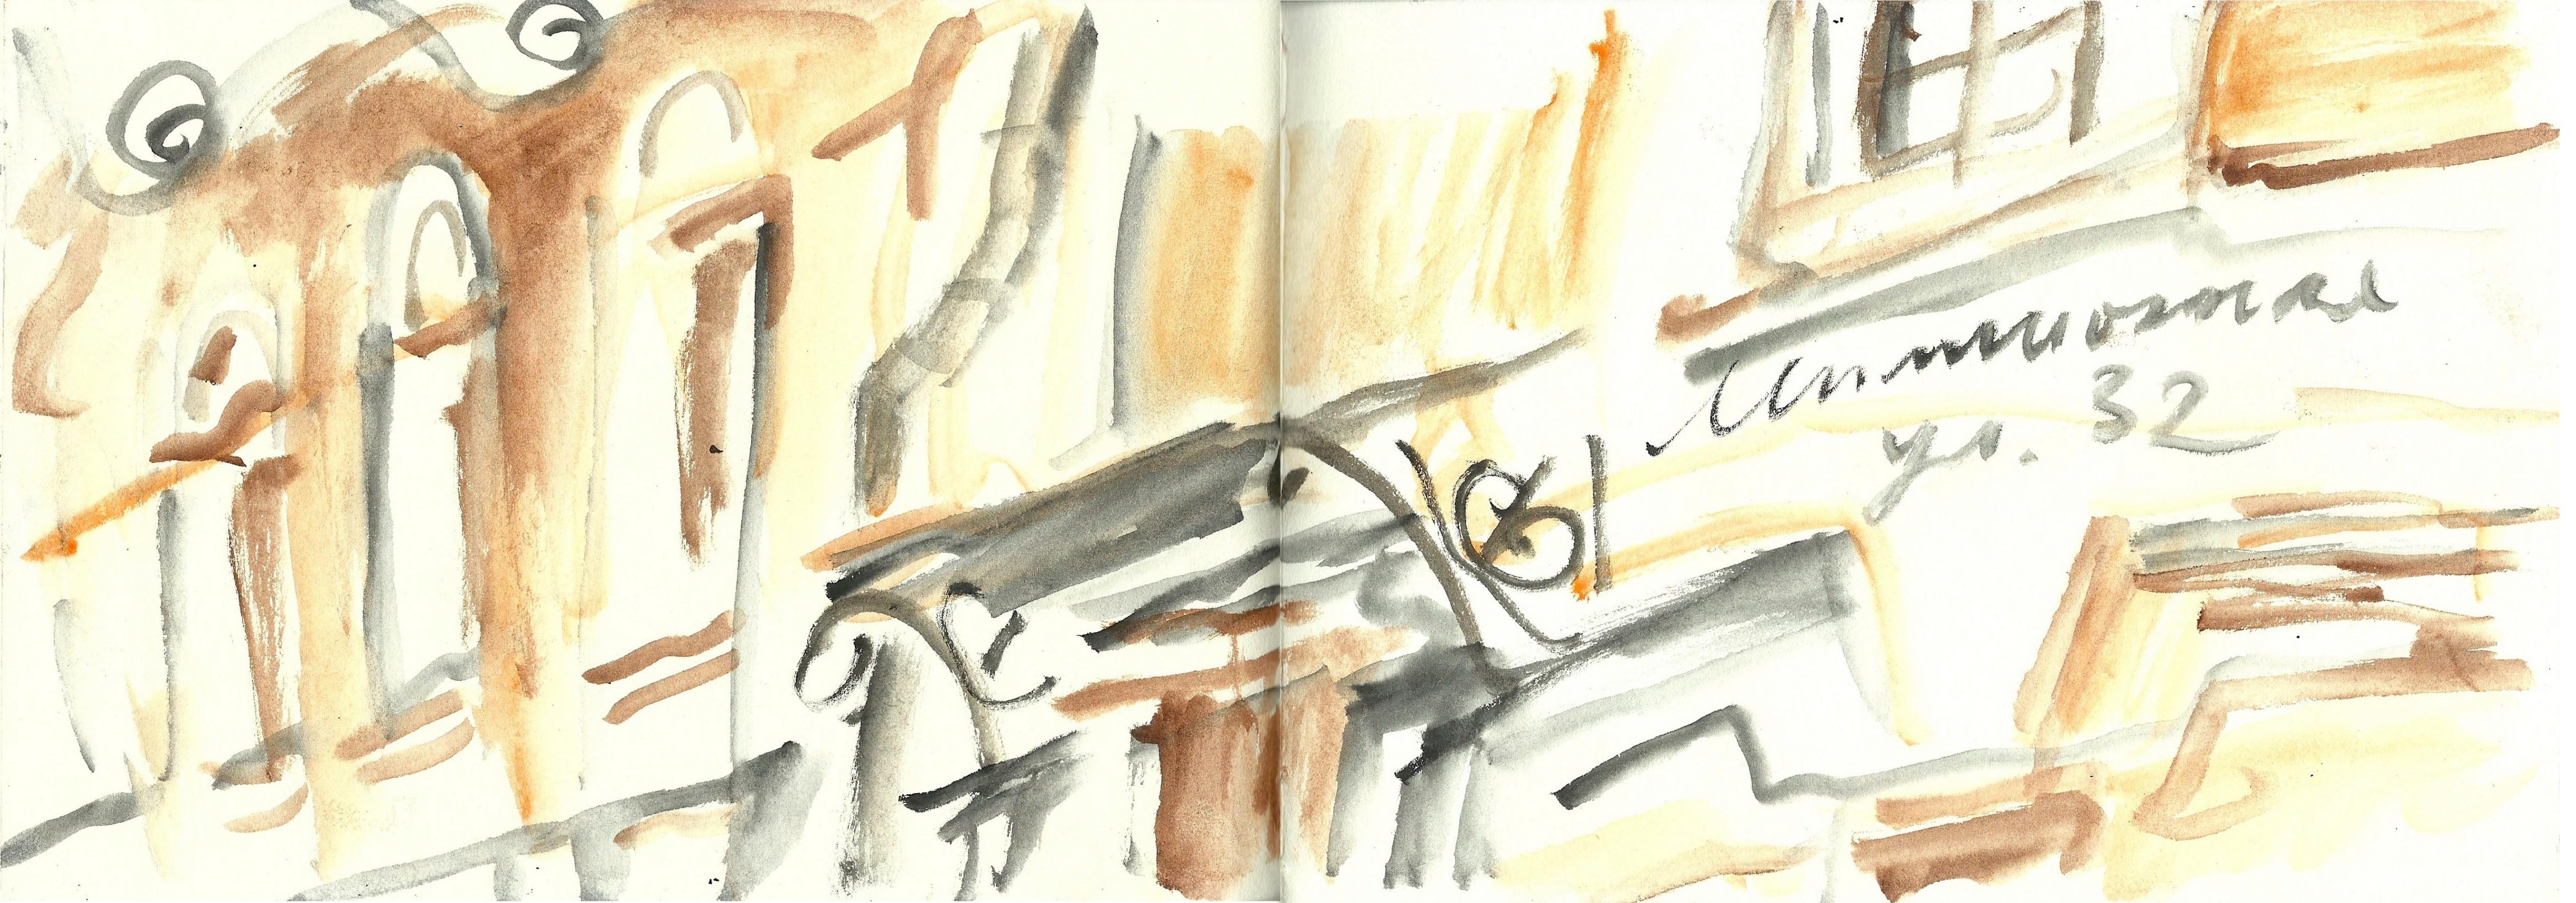 Блог Кати Осиной. Путешествие в Петербург. Седьмое.